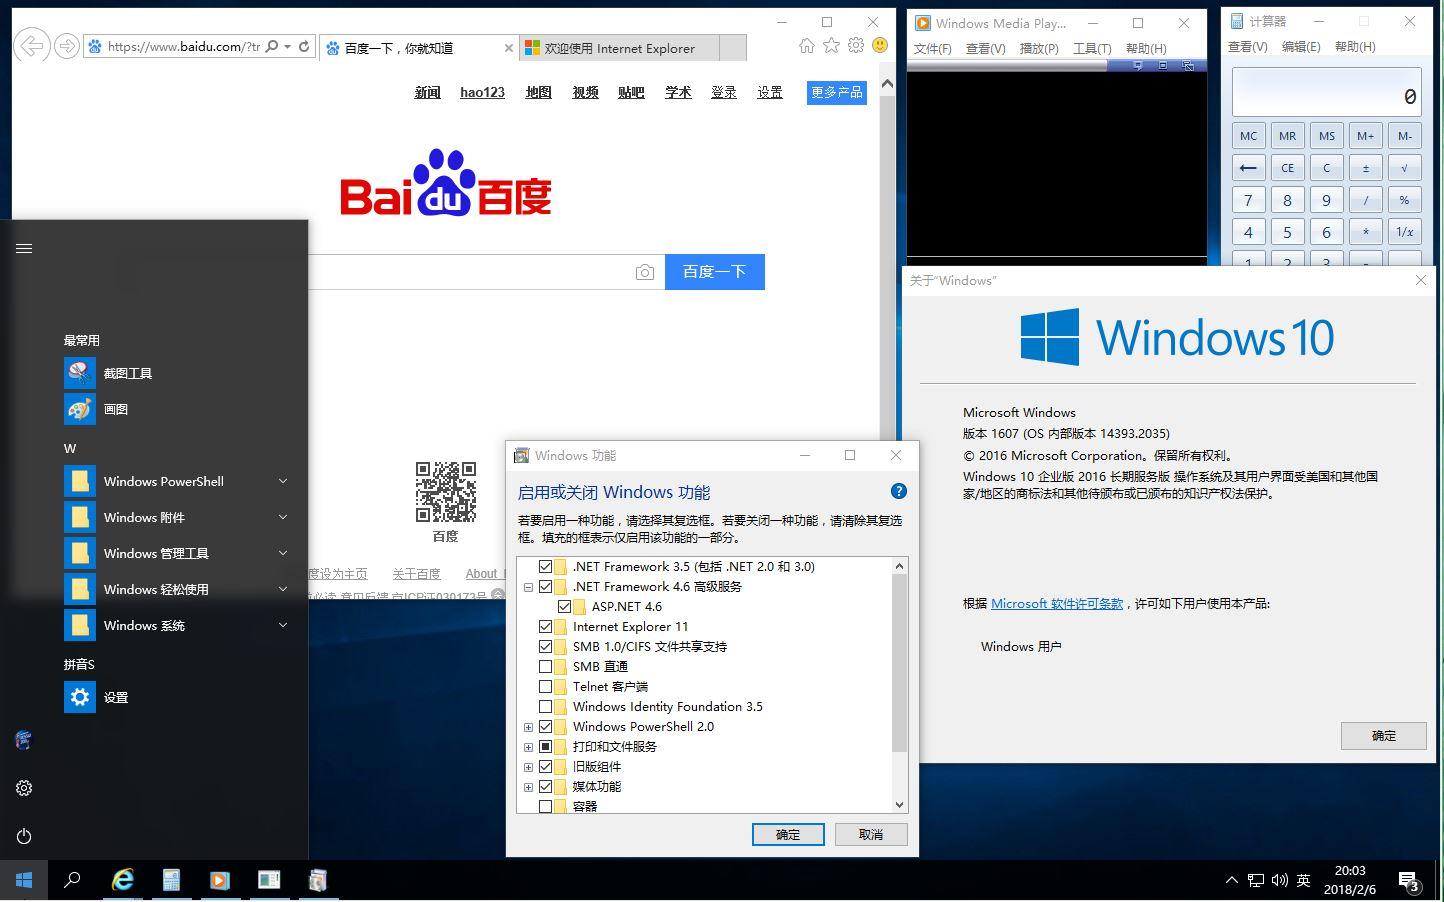 Win10 2016 LTSB v14393.2035精简版本